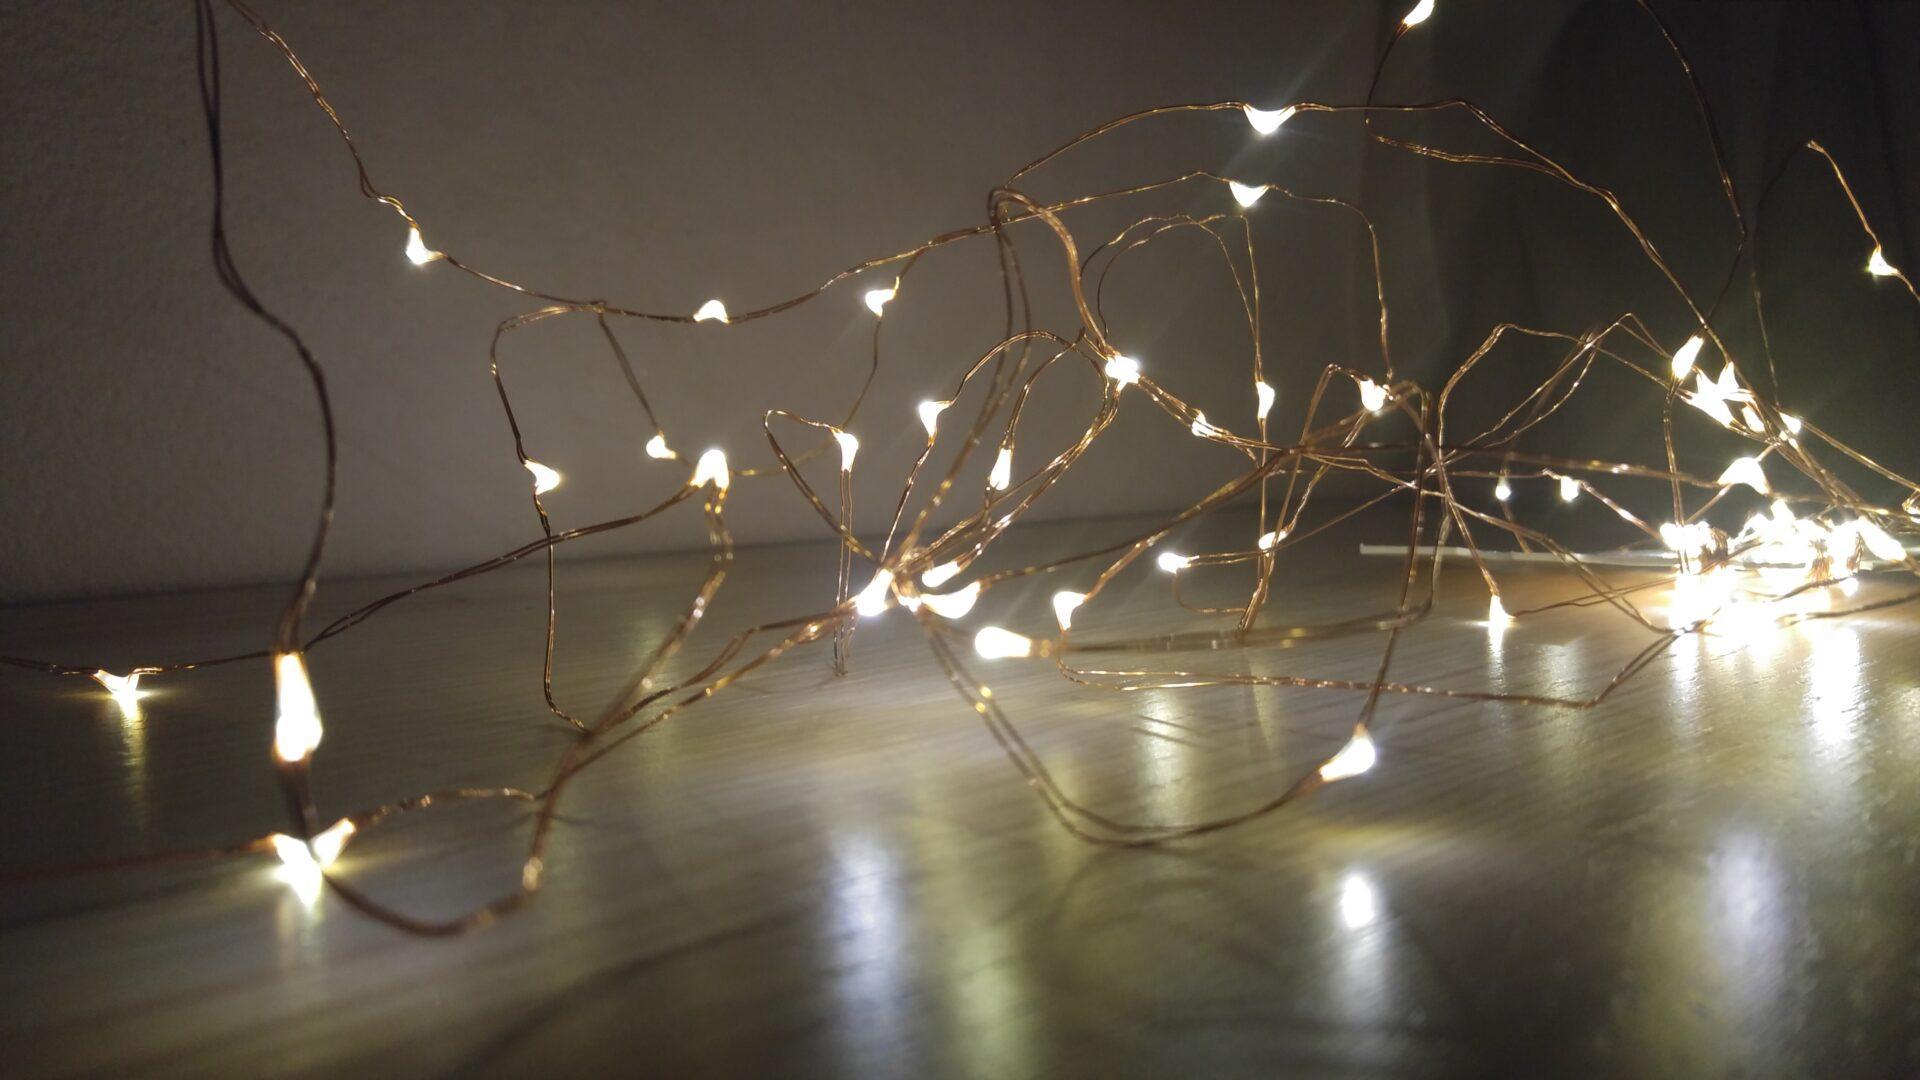 La mia recensione di: 100 luci led di natale su filo di rame amir